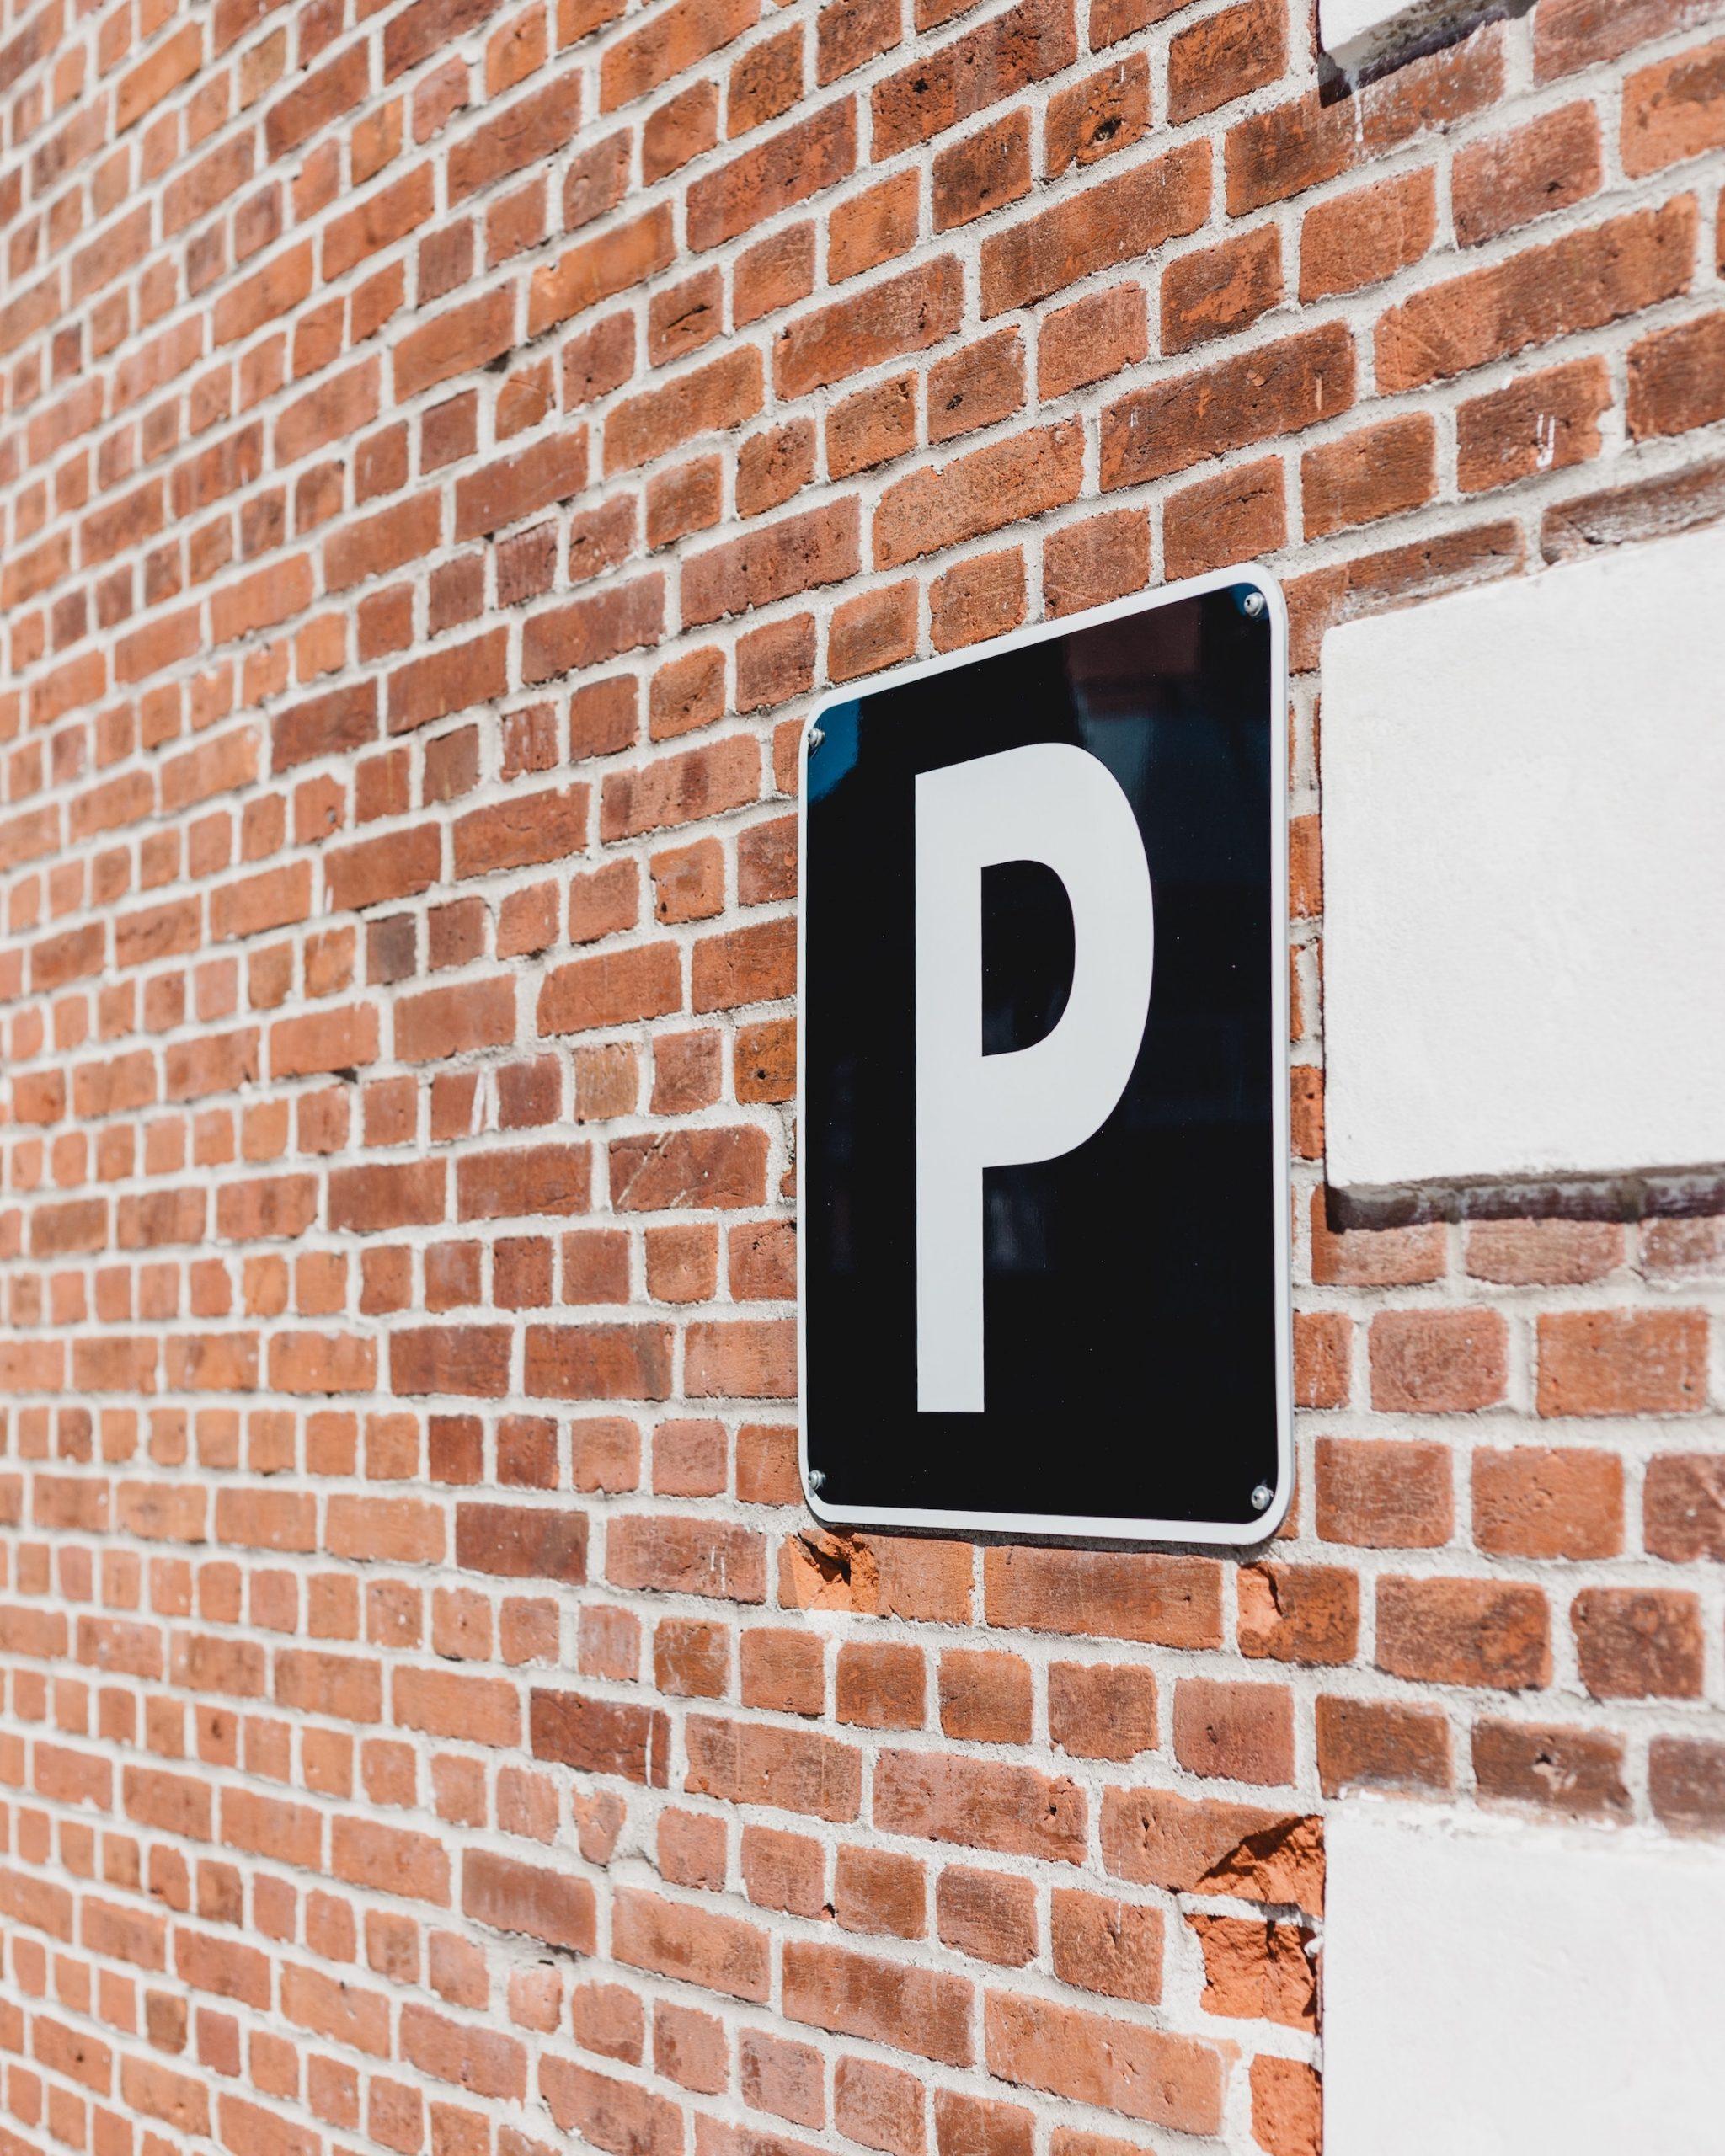 Czym powinien się cechować idealny system parkingowy?